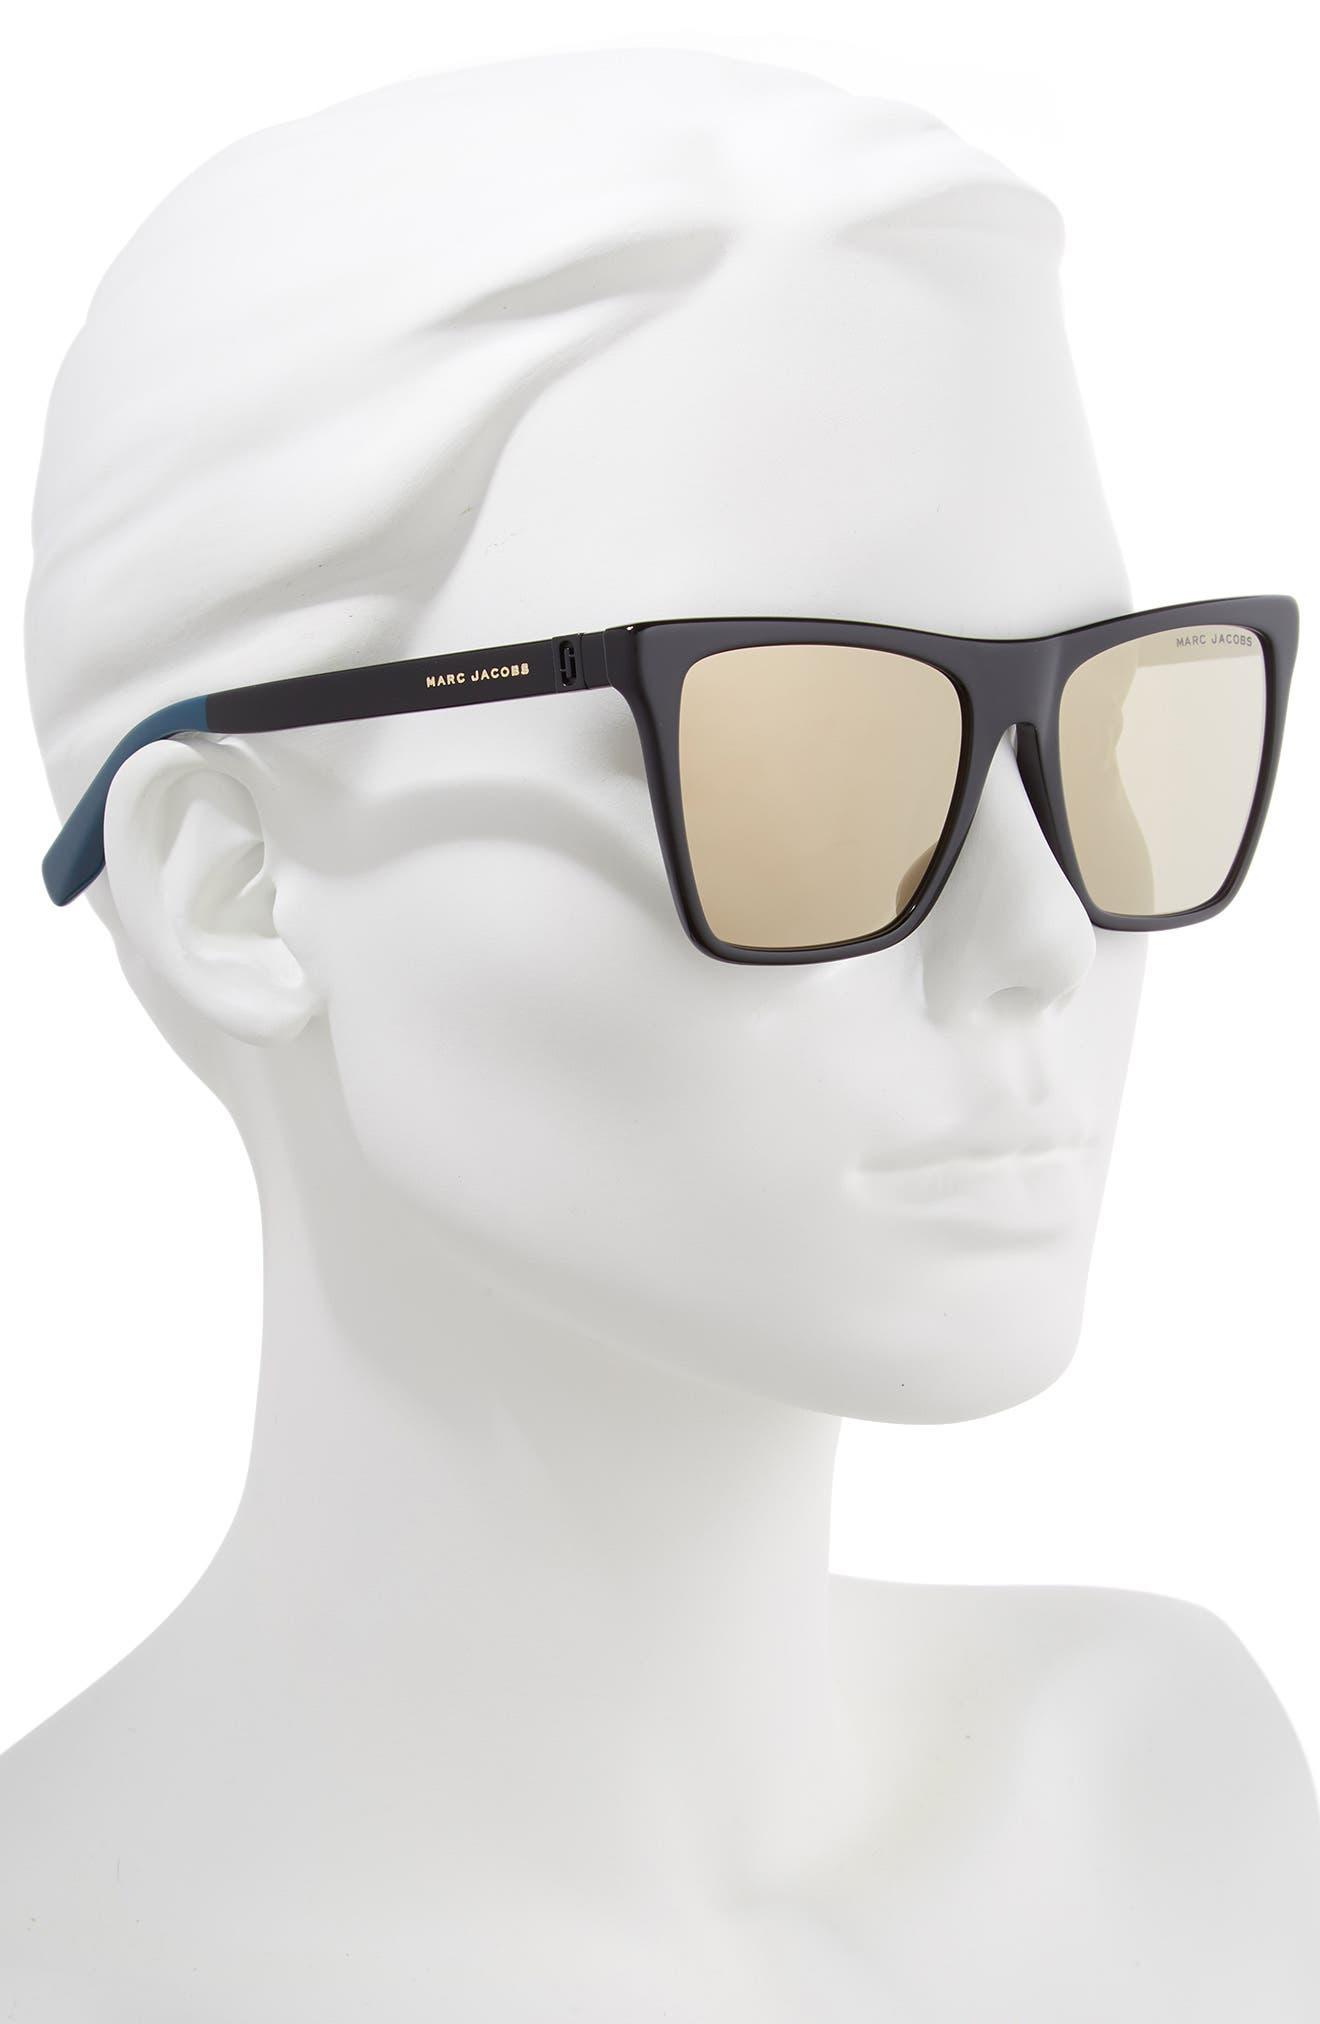 54mm Square Sunglasses,                             Alternate thumbnail 2, color,                             BLACK/ GOLD